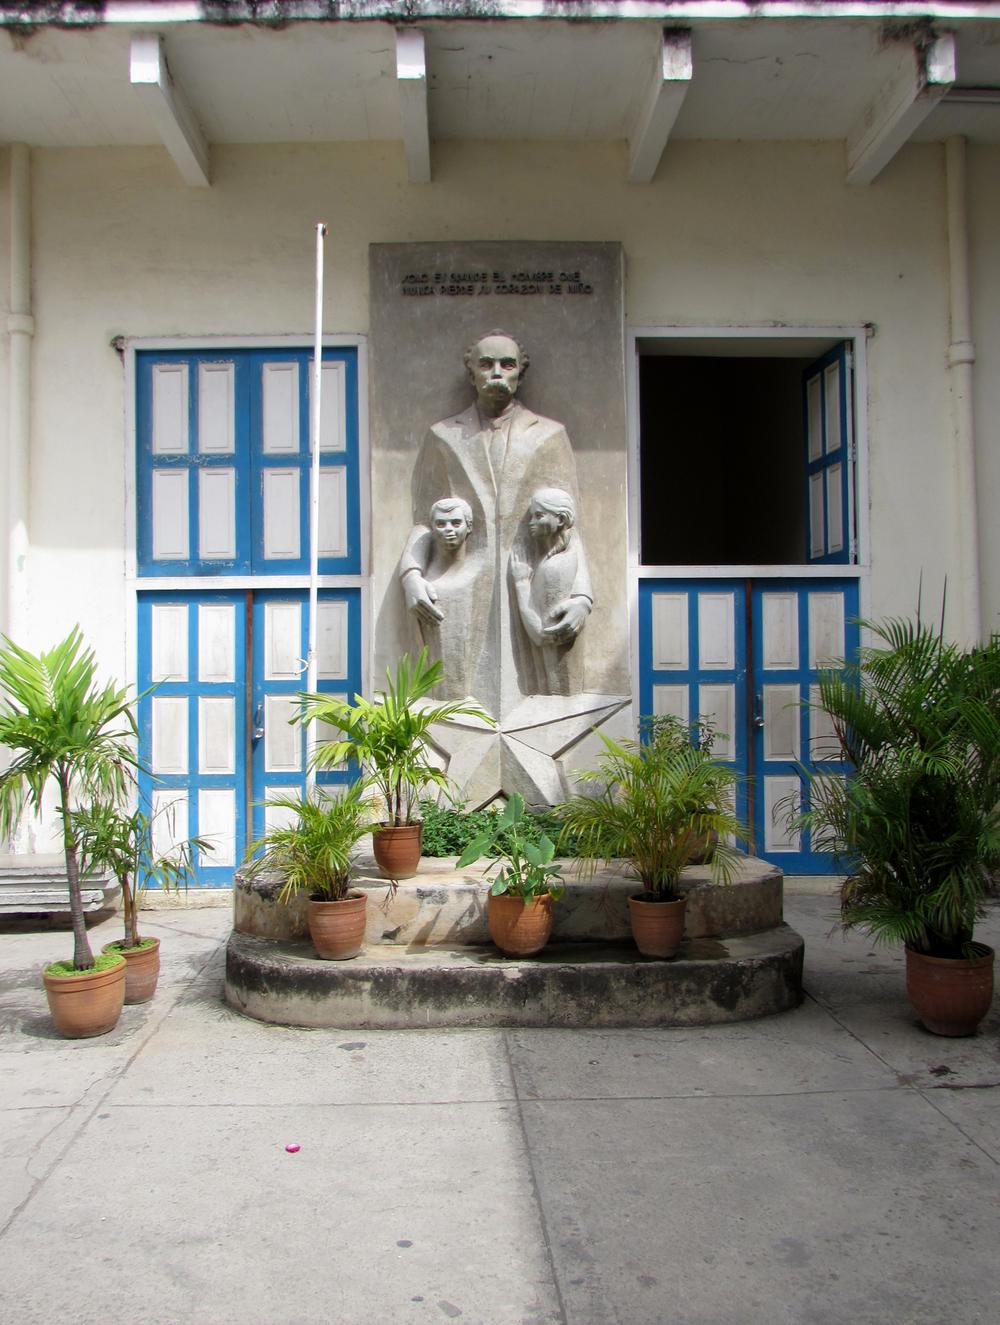 Statue inside the Escuela Elemental de Musica y Danza